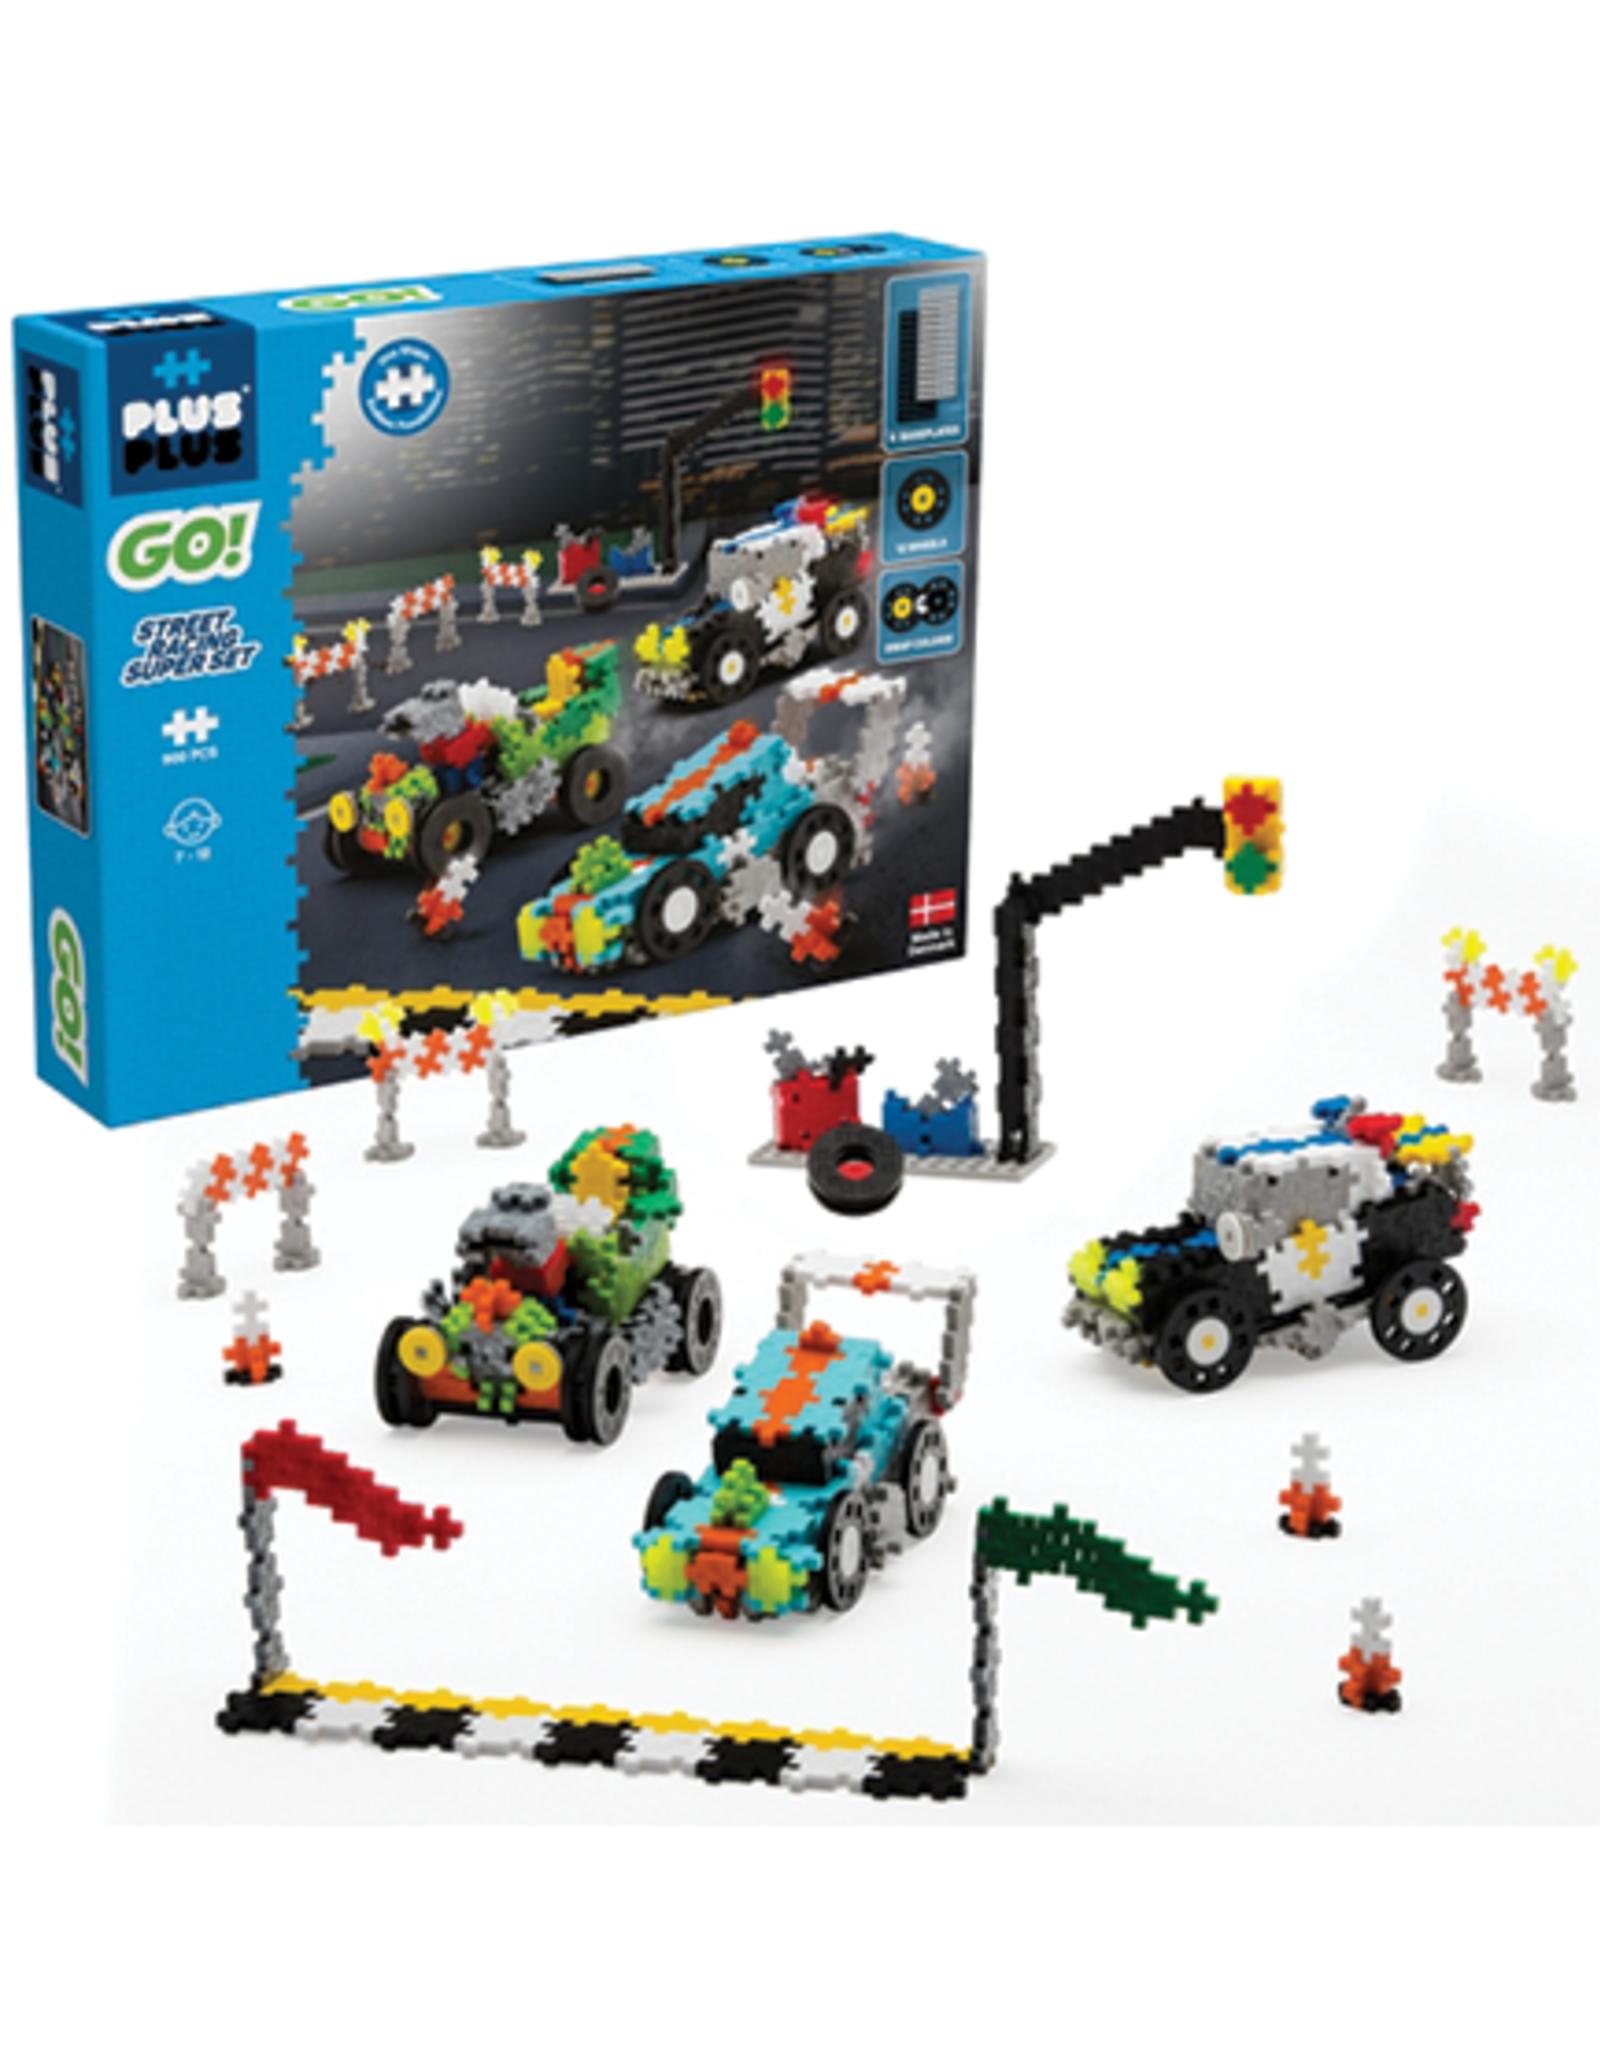 Plus-Plus Plus Plus GO! Street Racing Super Set